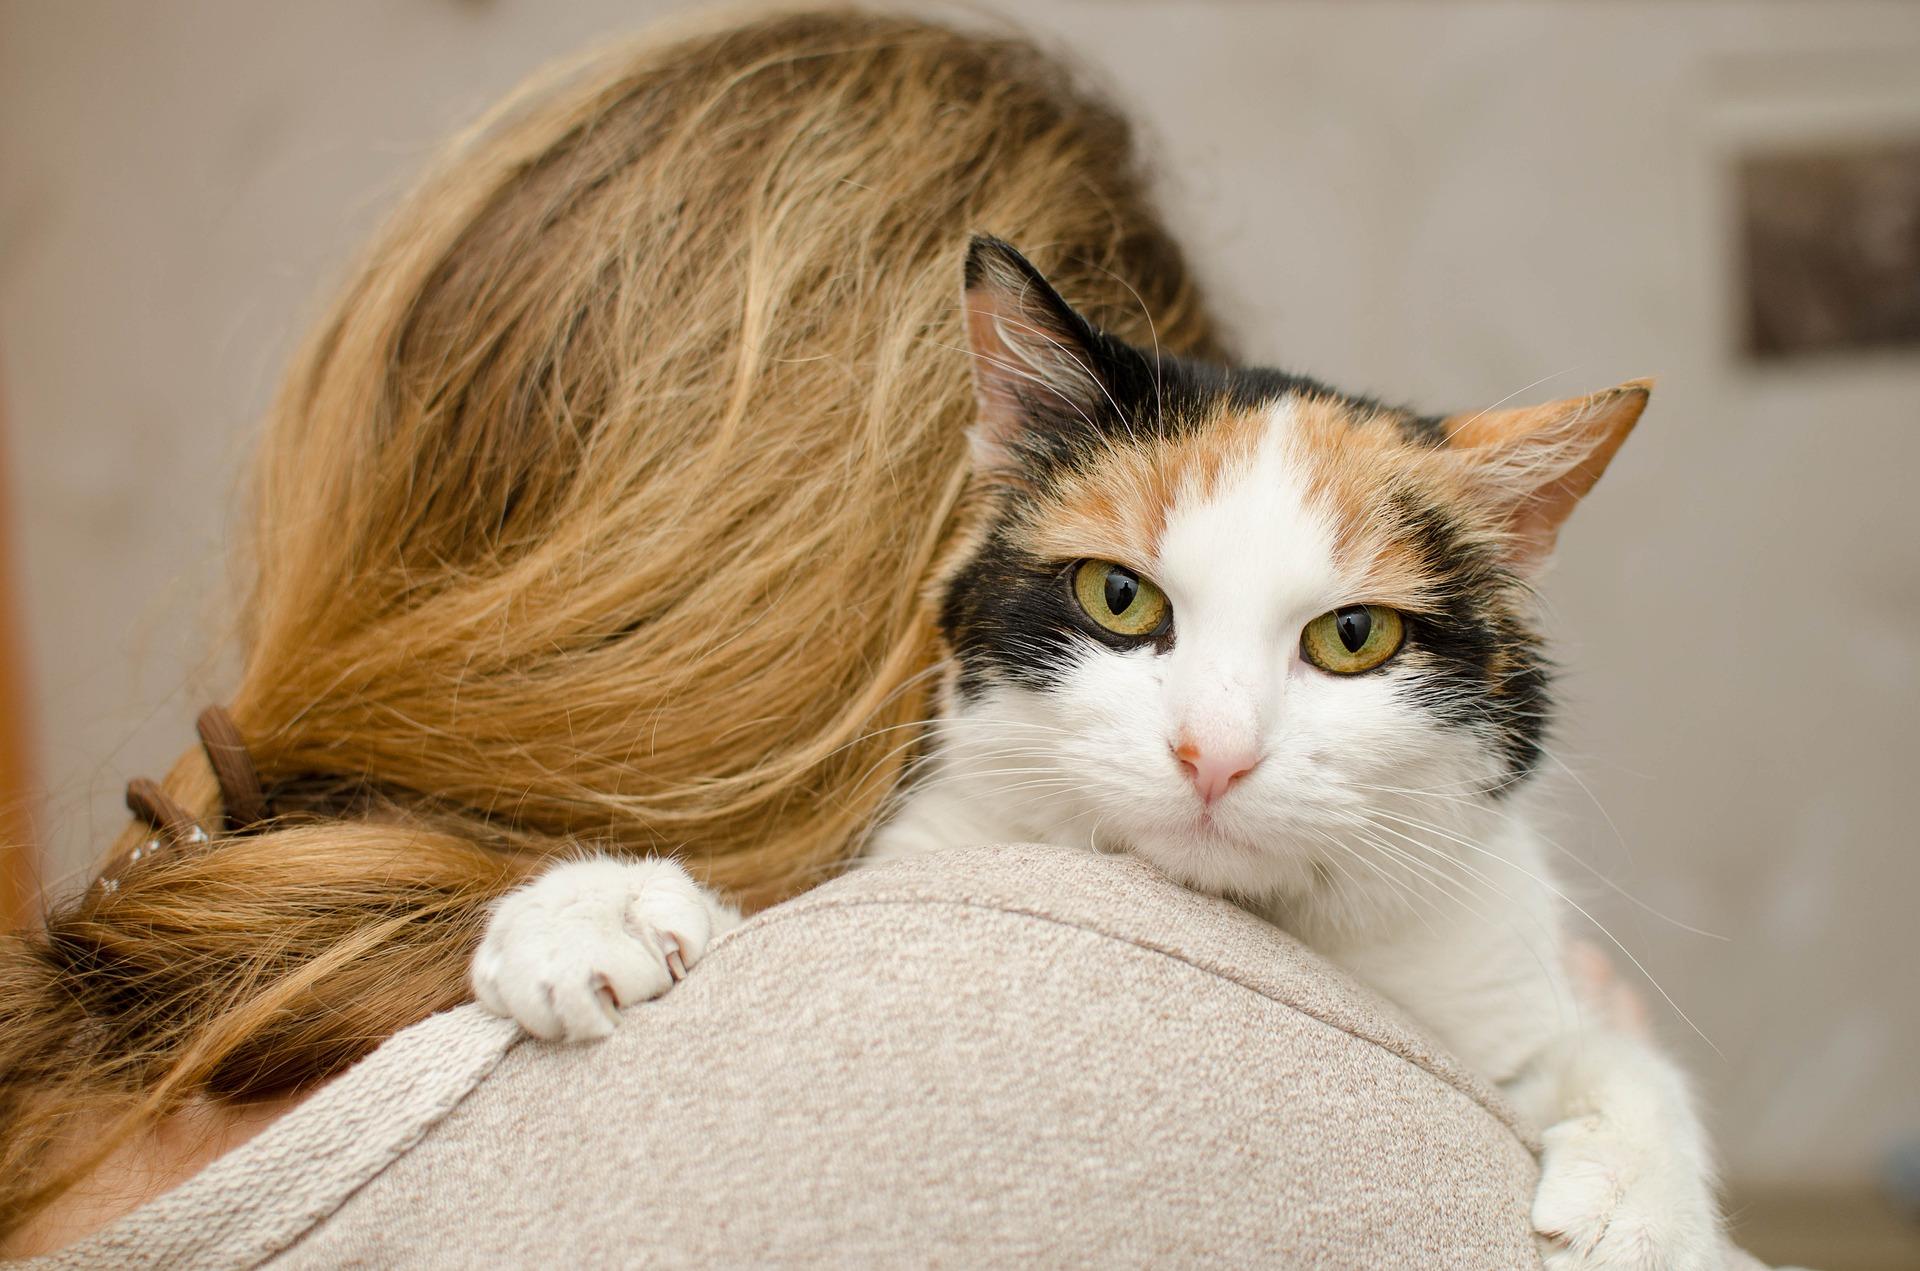 """Tratada como """"louca"""", mulher que abrigou 150 gatos abandonados em casa será indenizada"""